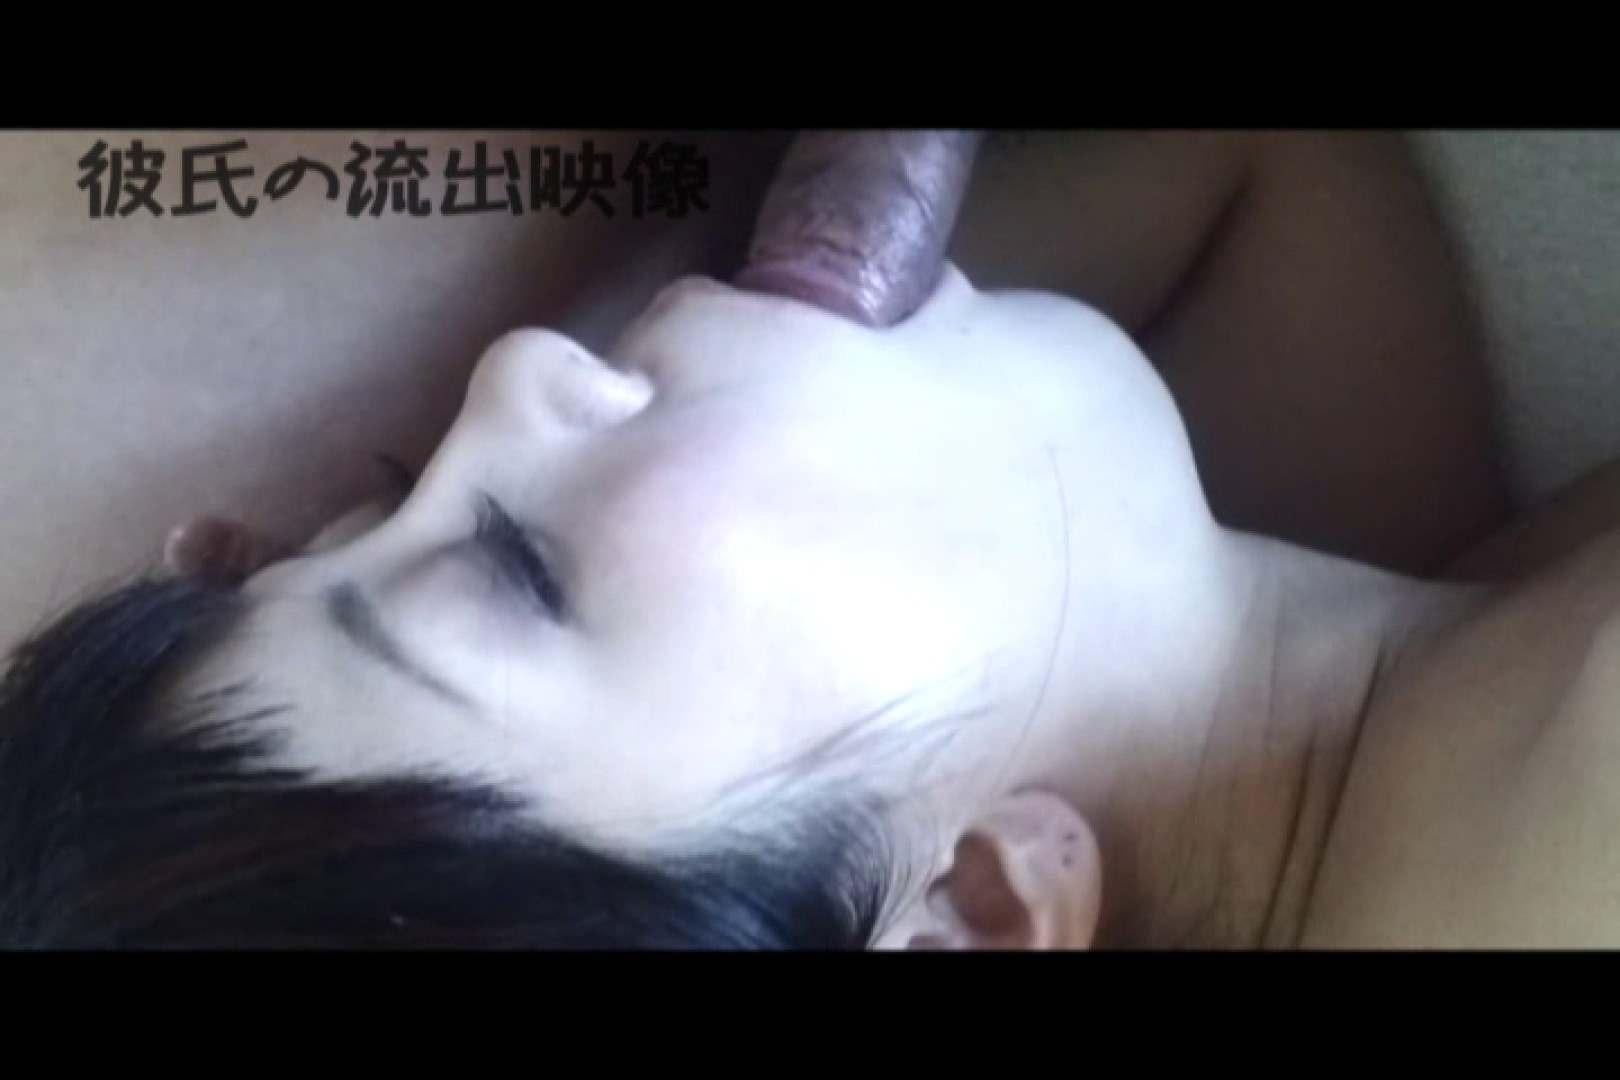 彼氏が流出 パイパン素人嬢のハメ撮り映像03 素人丸裸  85pic 78